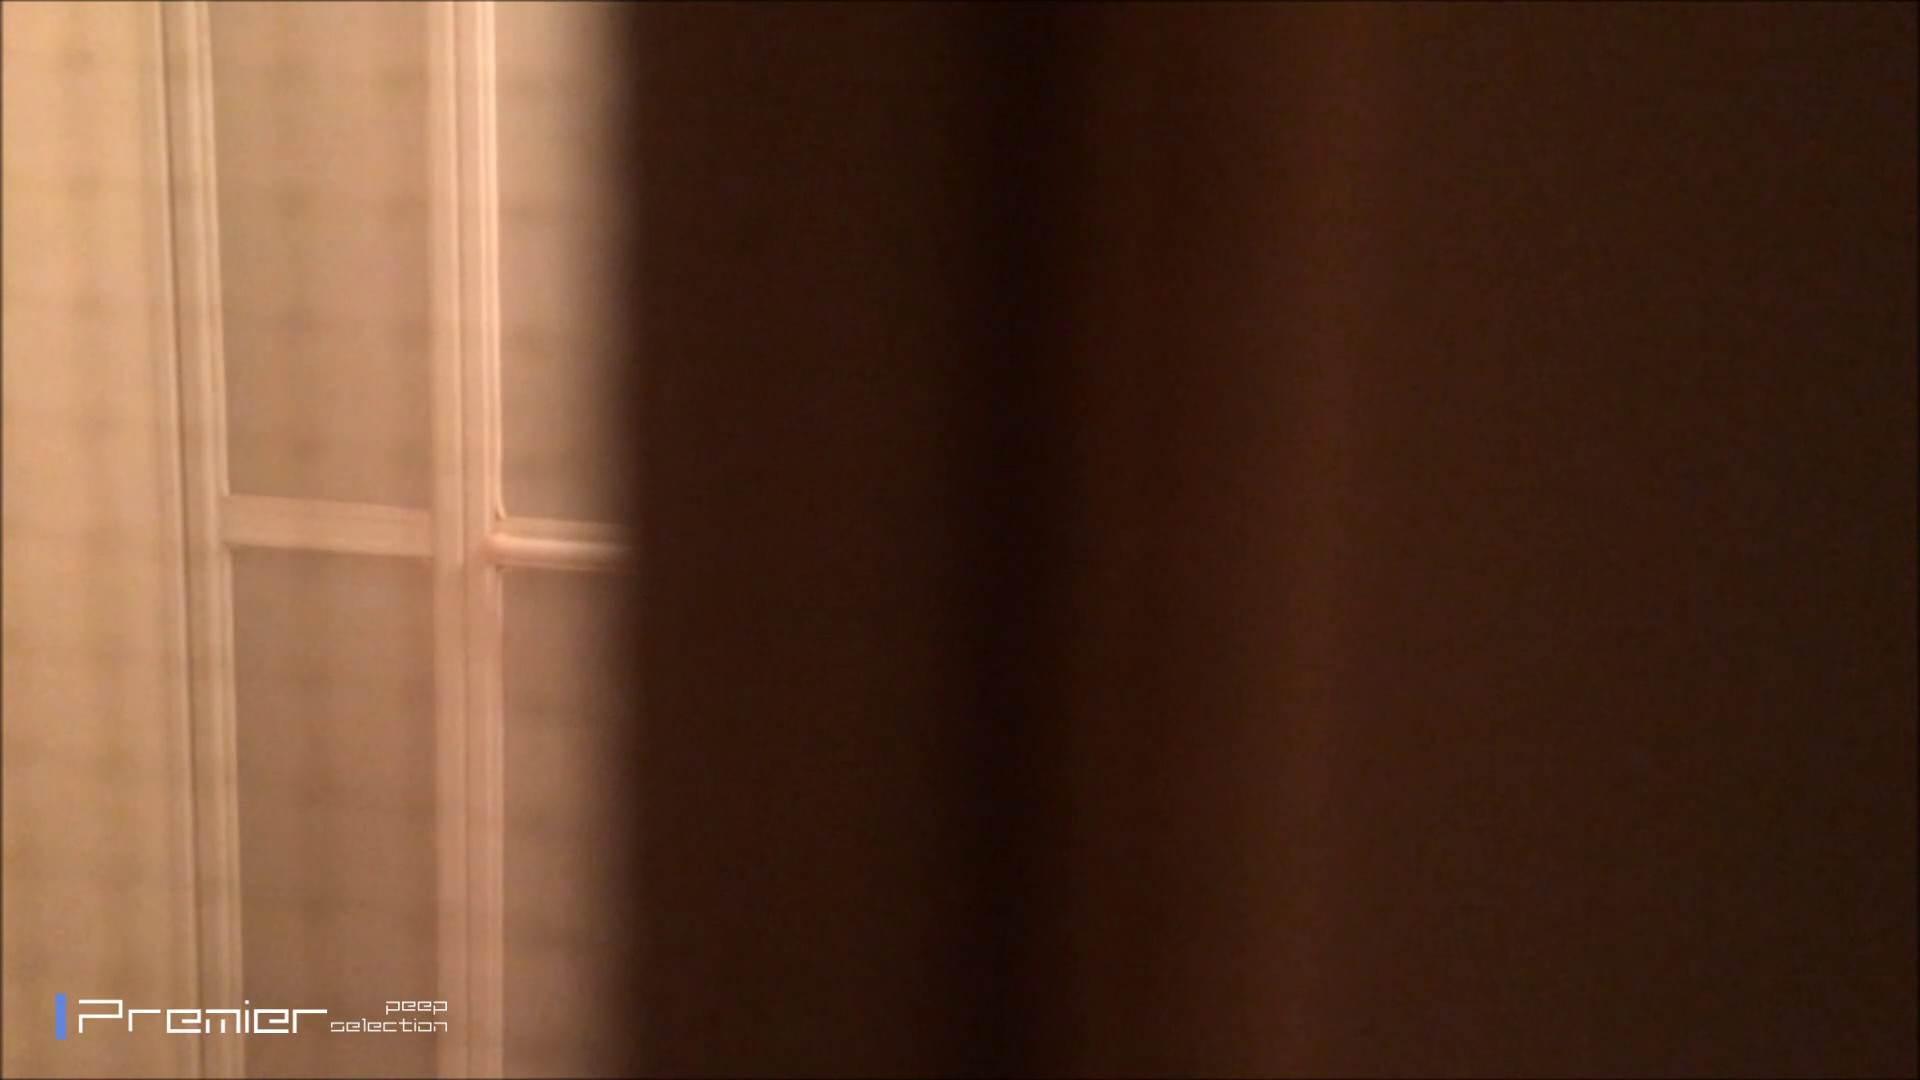 シャワーのお湯を跳ね返すお肌 乙女の風呂場 Vol.03 シャワー セックス無修正動画無料 98連発 10